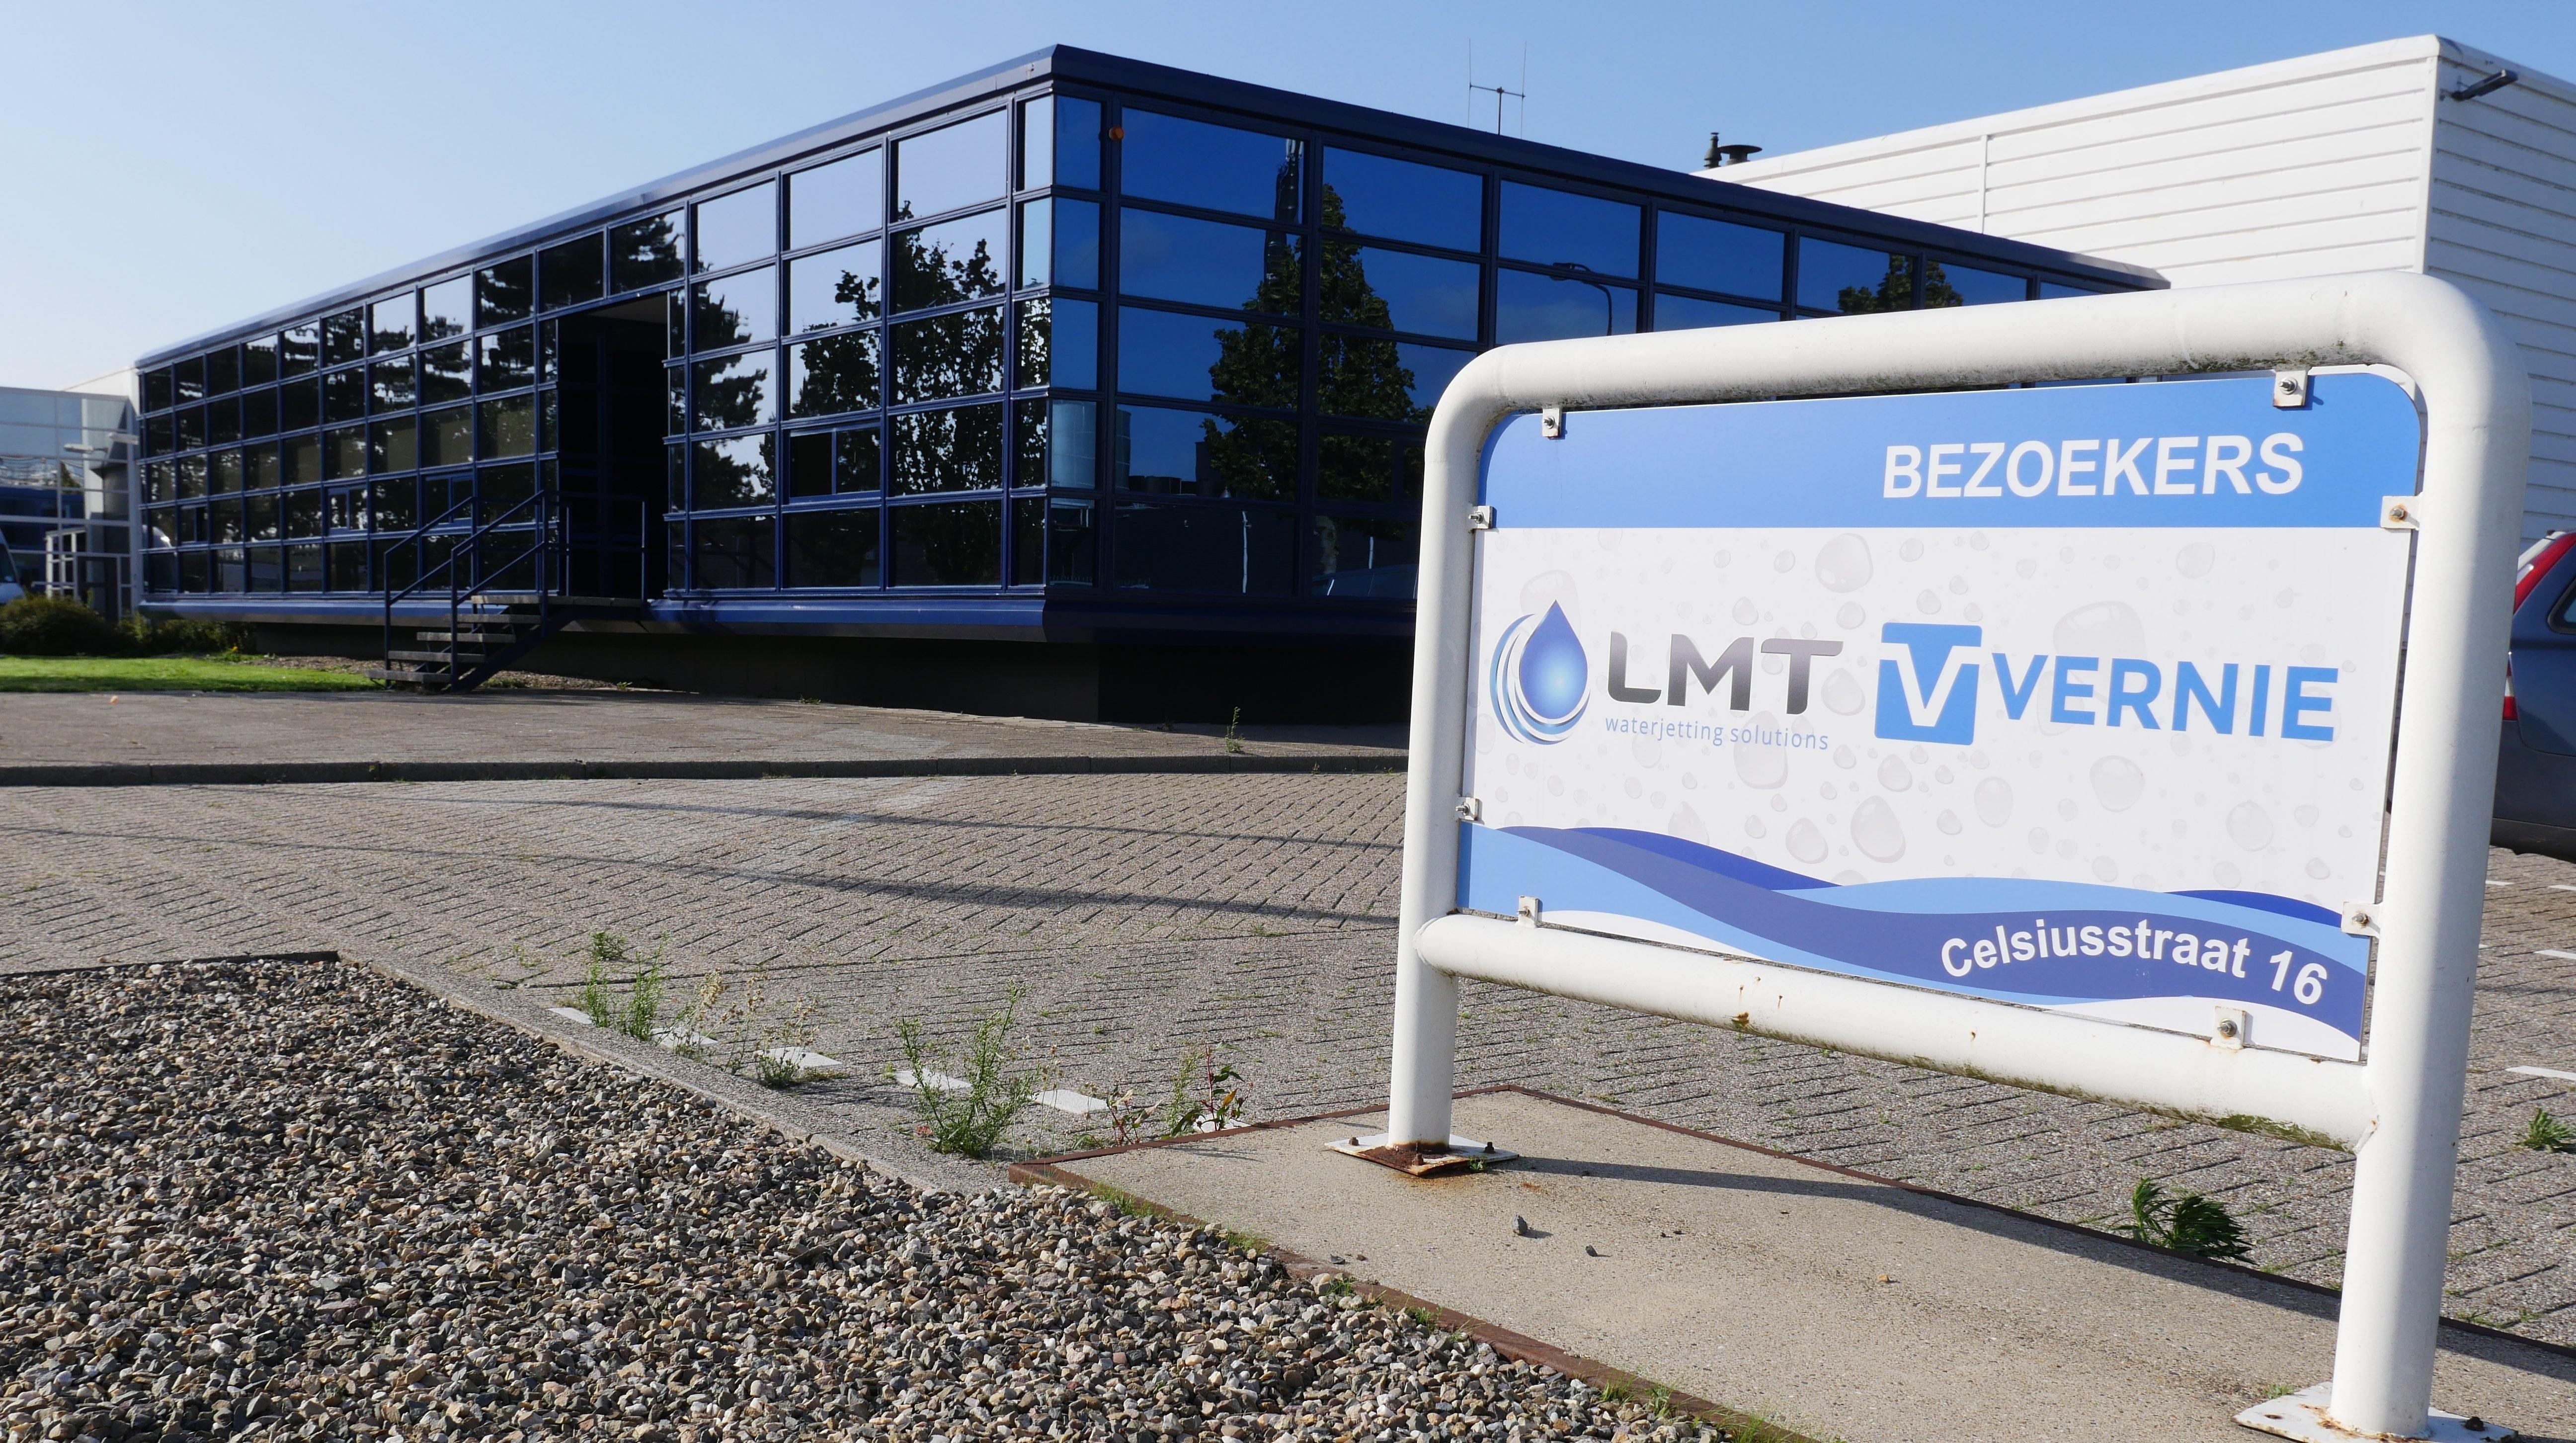 Kantoor Vernie Metaalbewerking, Heerhugowaard, Noord-Holland